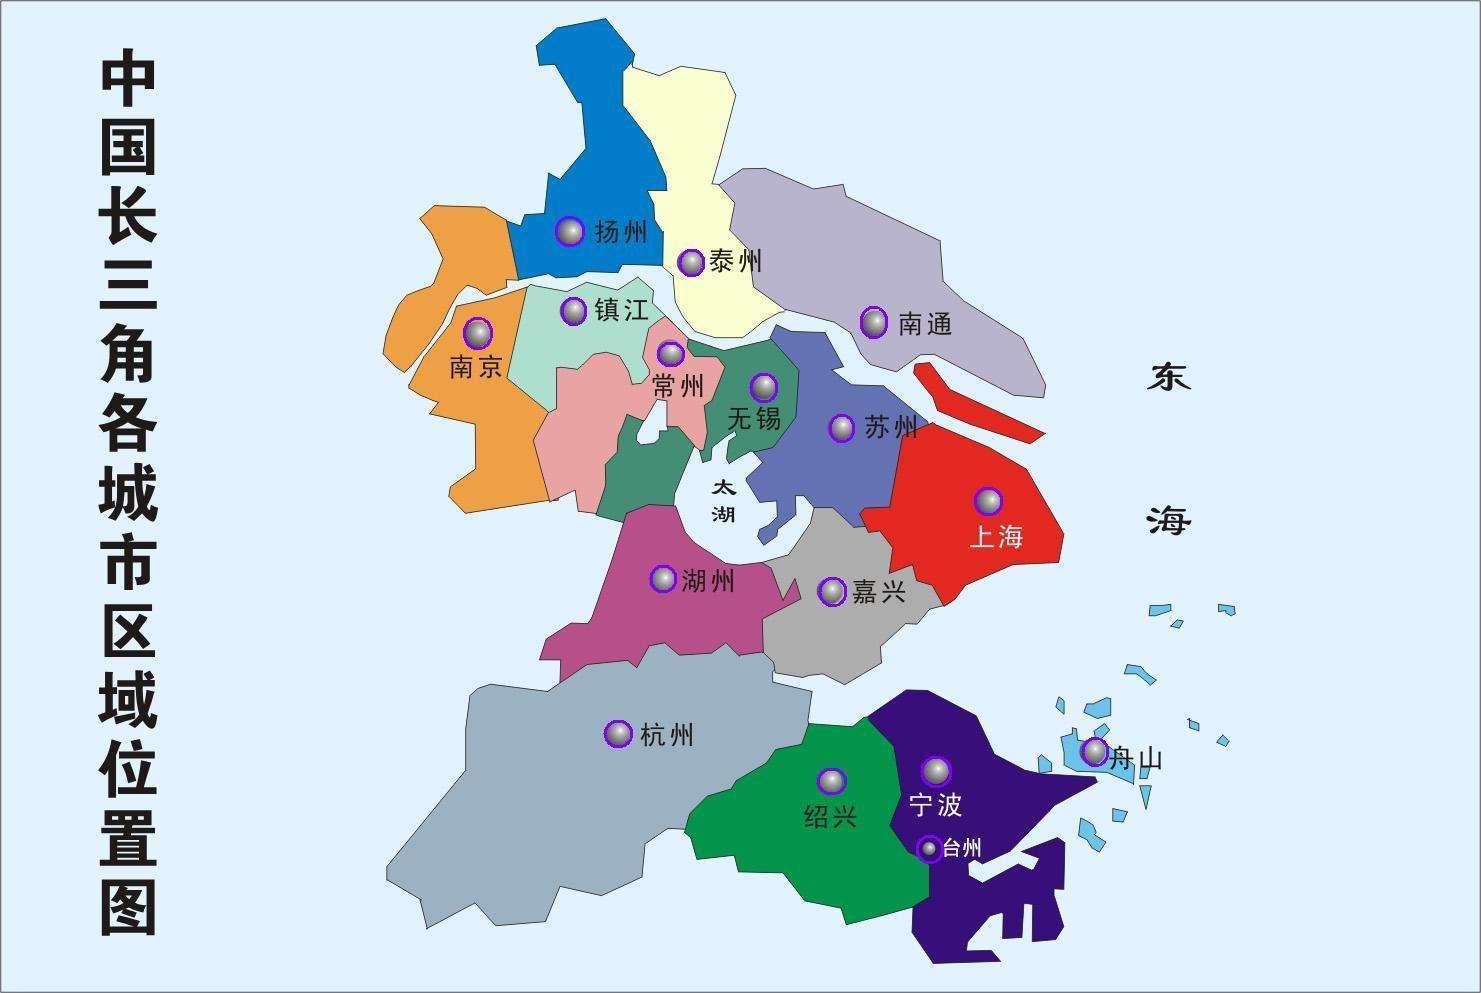 上海、江苏、浙江推动22个长三角一体化示范区扶持政策|嘉善窑庄